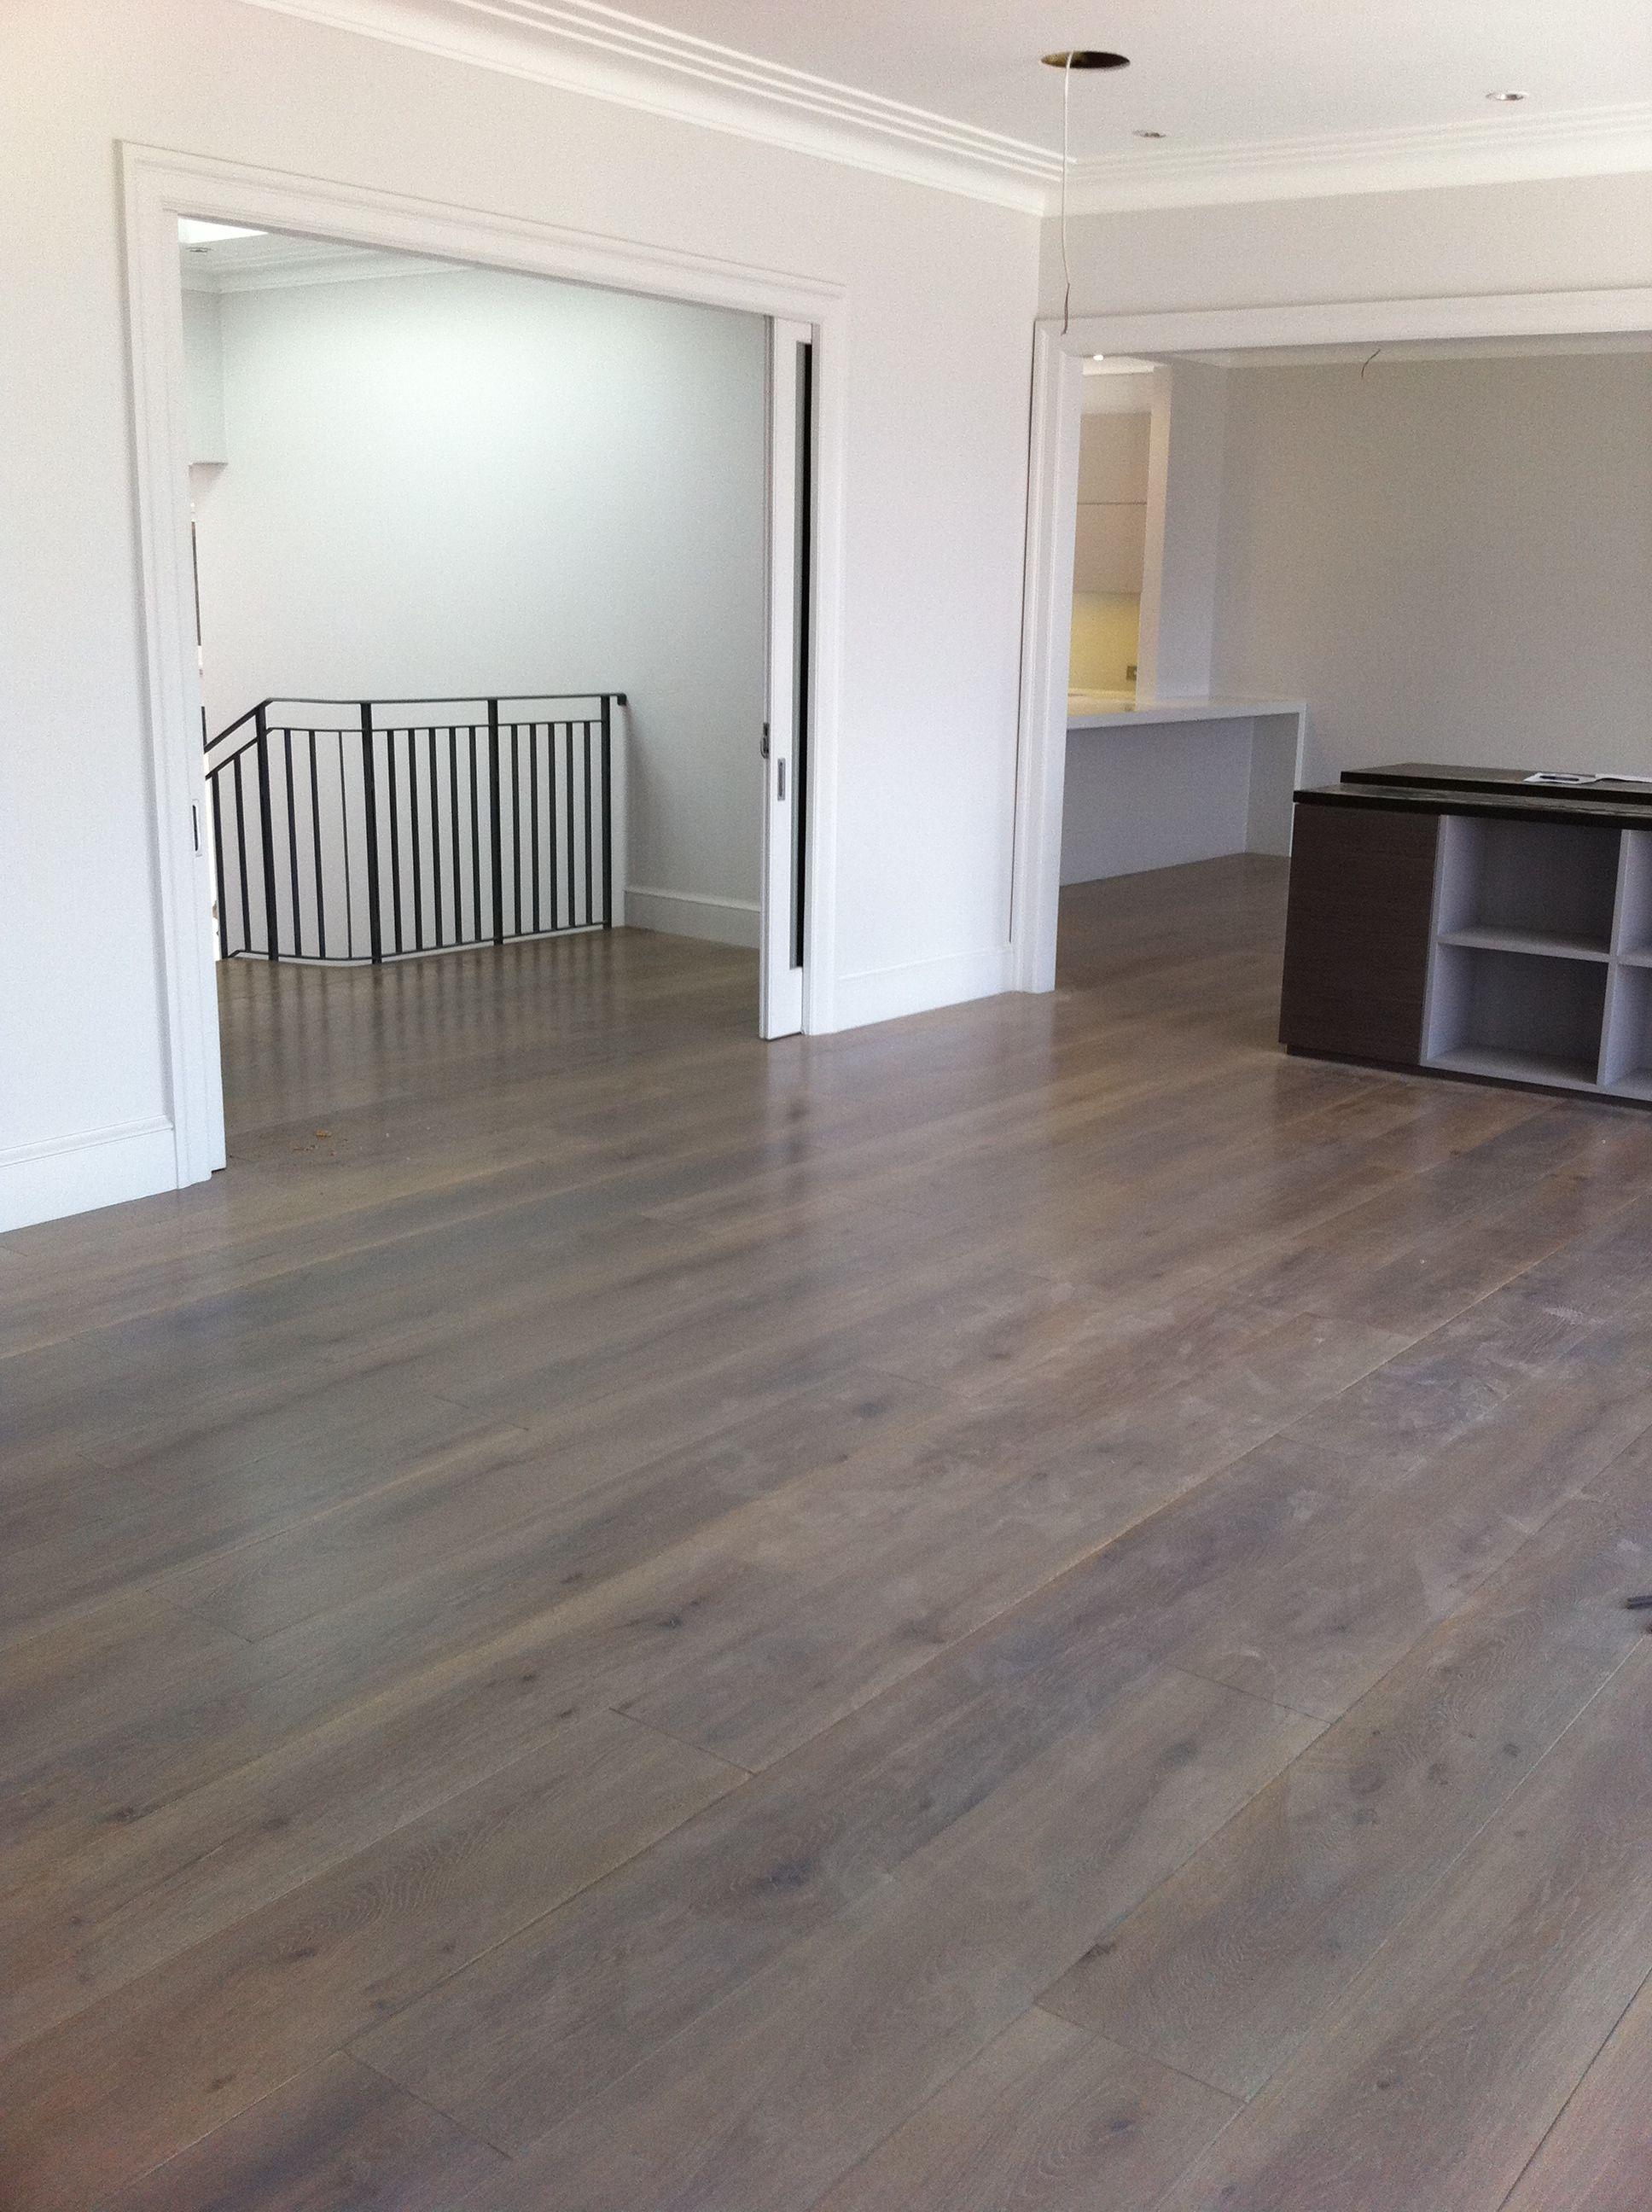 When You Hardwood Floor Refinishing Need Add